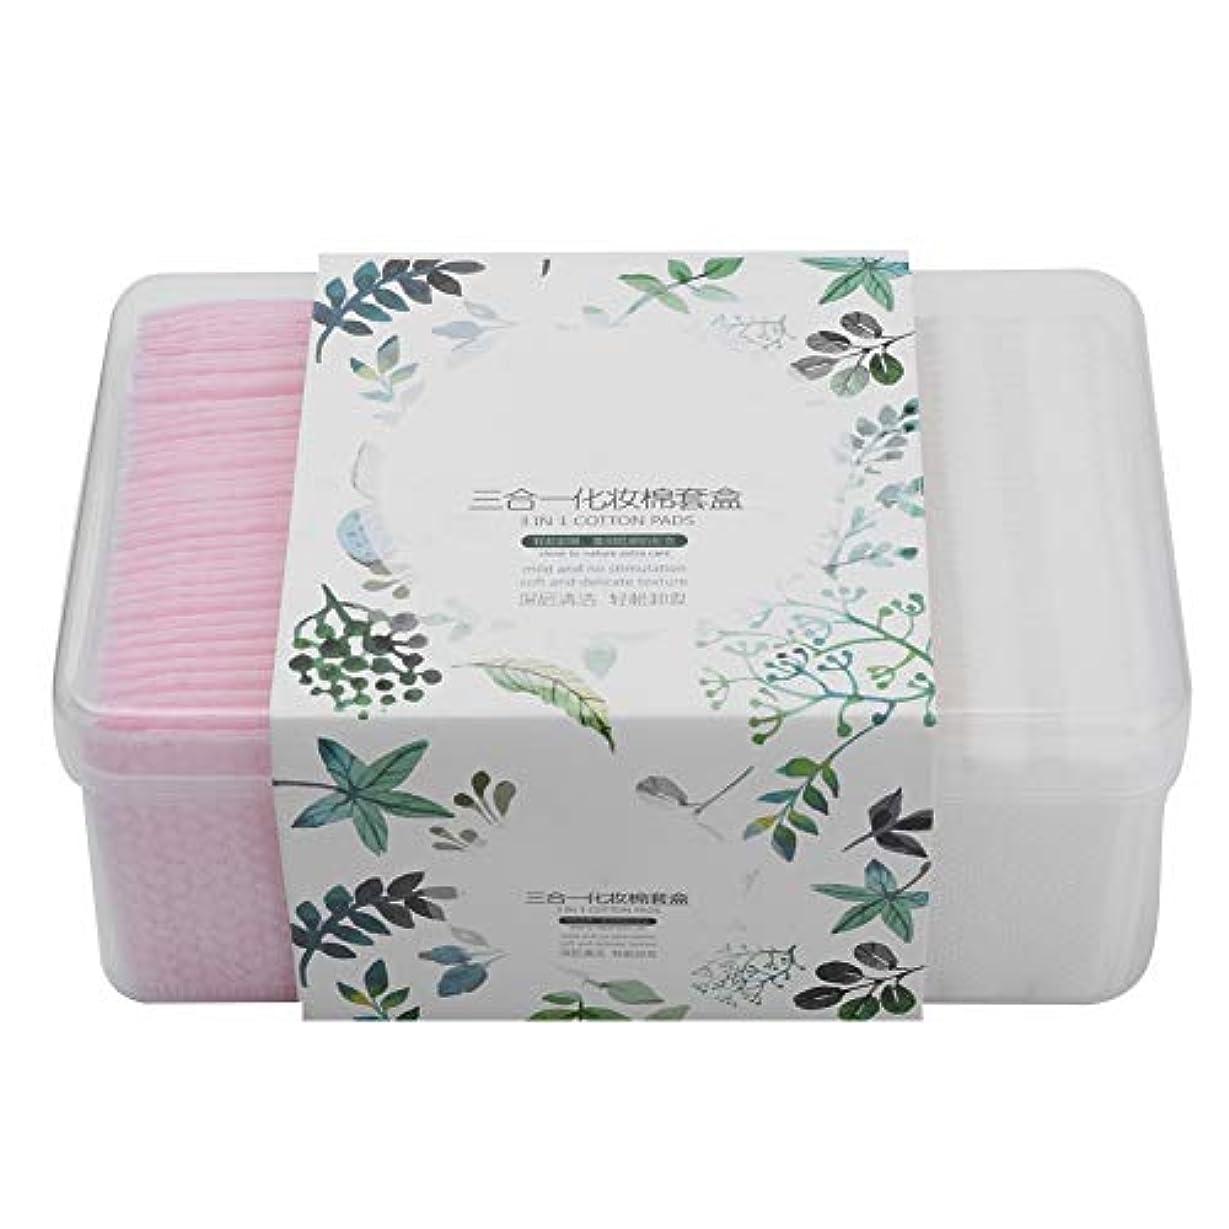 使い捨て化粧パッド メイク 280枚枚セット 化粧品リムーバークリーニングワイプ 綿パッド 化粧品 清潔になりますスキンケアを拭きます